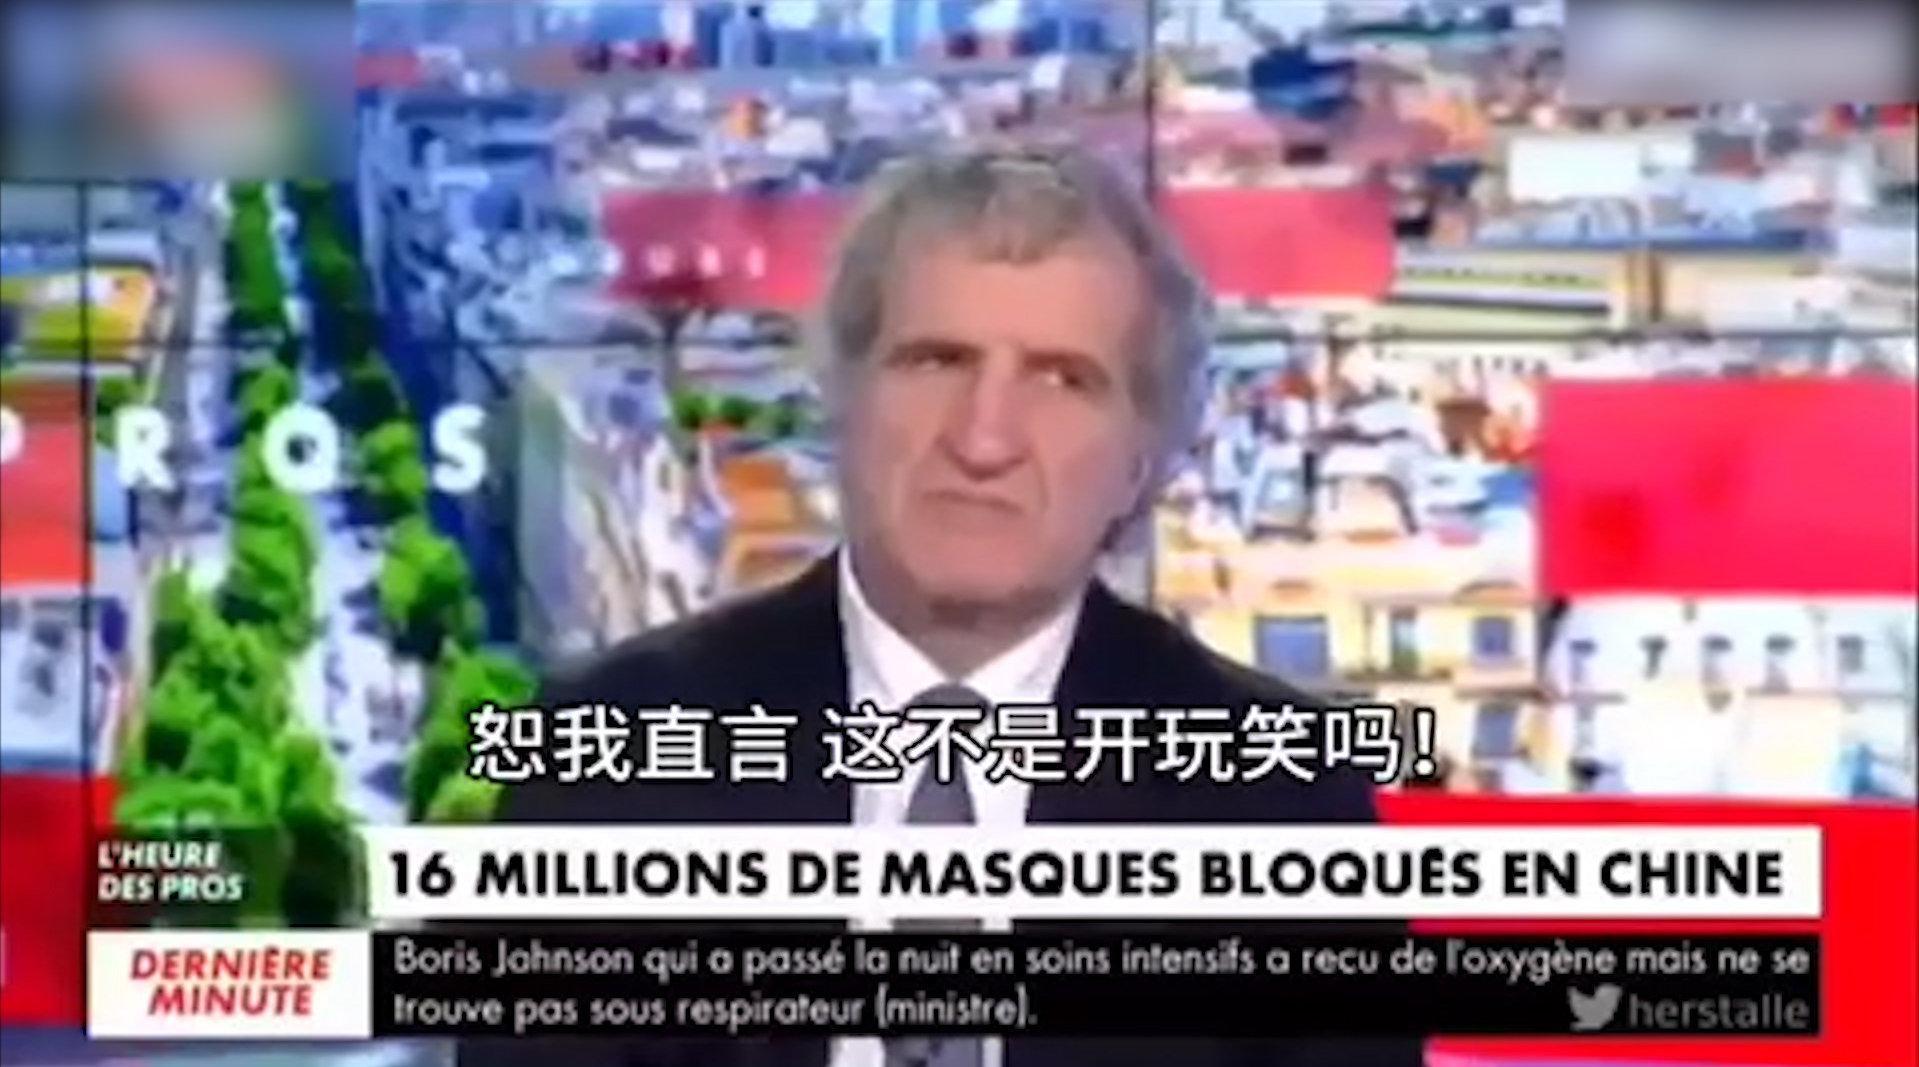 法国运送口罩飞行员在中国确诊新冠 1600万只口罩滞留上海